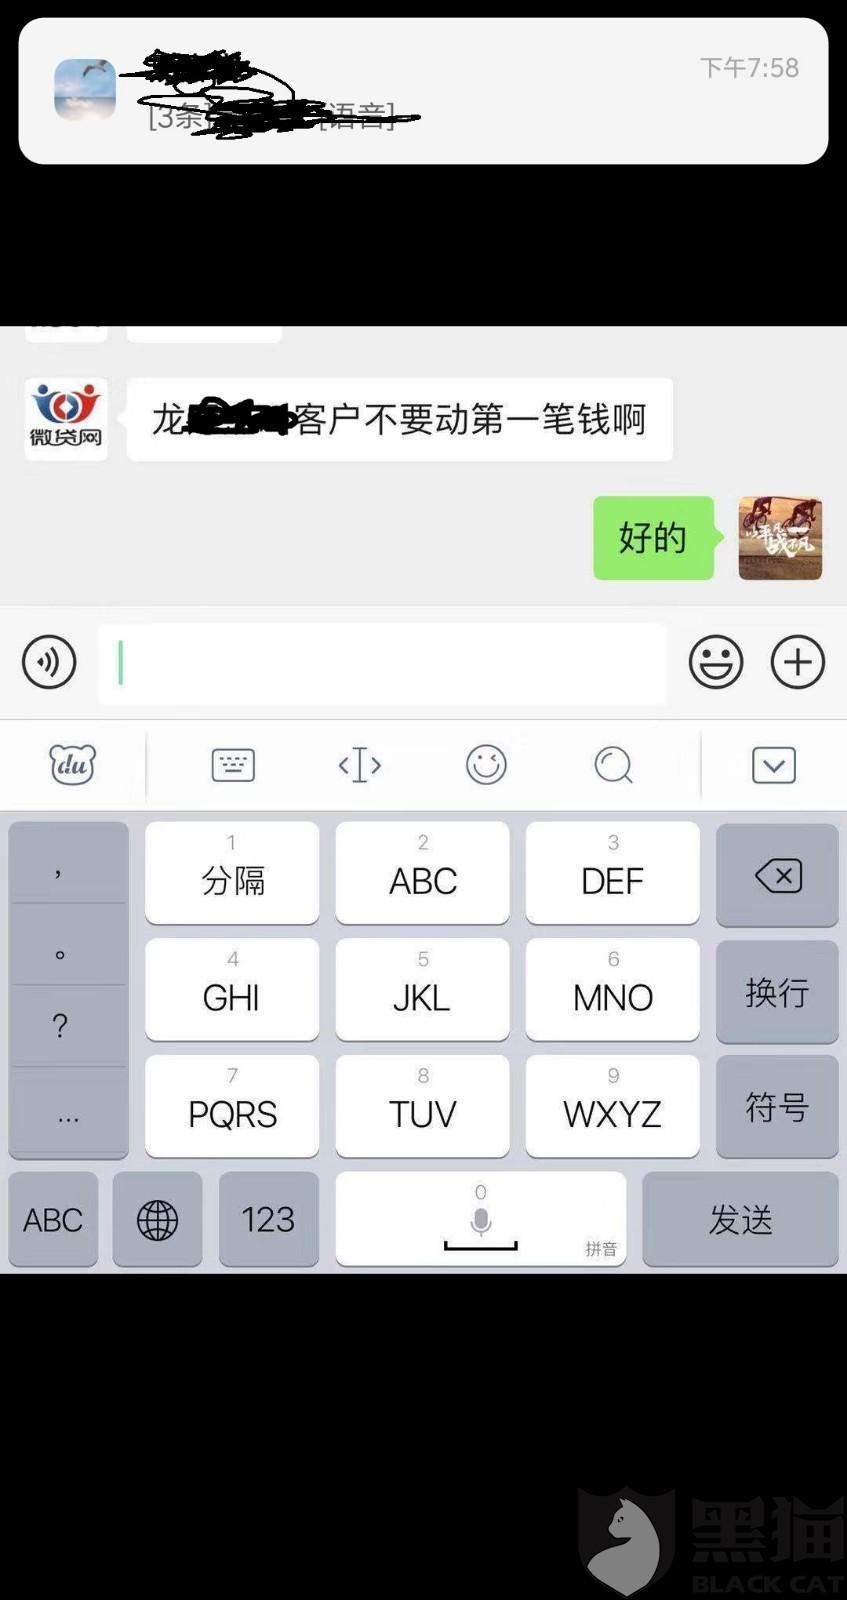 黑猫投诉:投诉微贷(杭州)金融信息服务有限公司砍头息,套路贷,不按合同,要天价结清